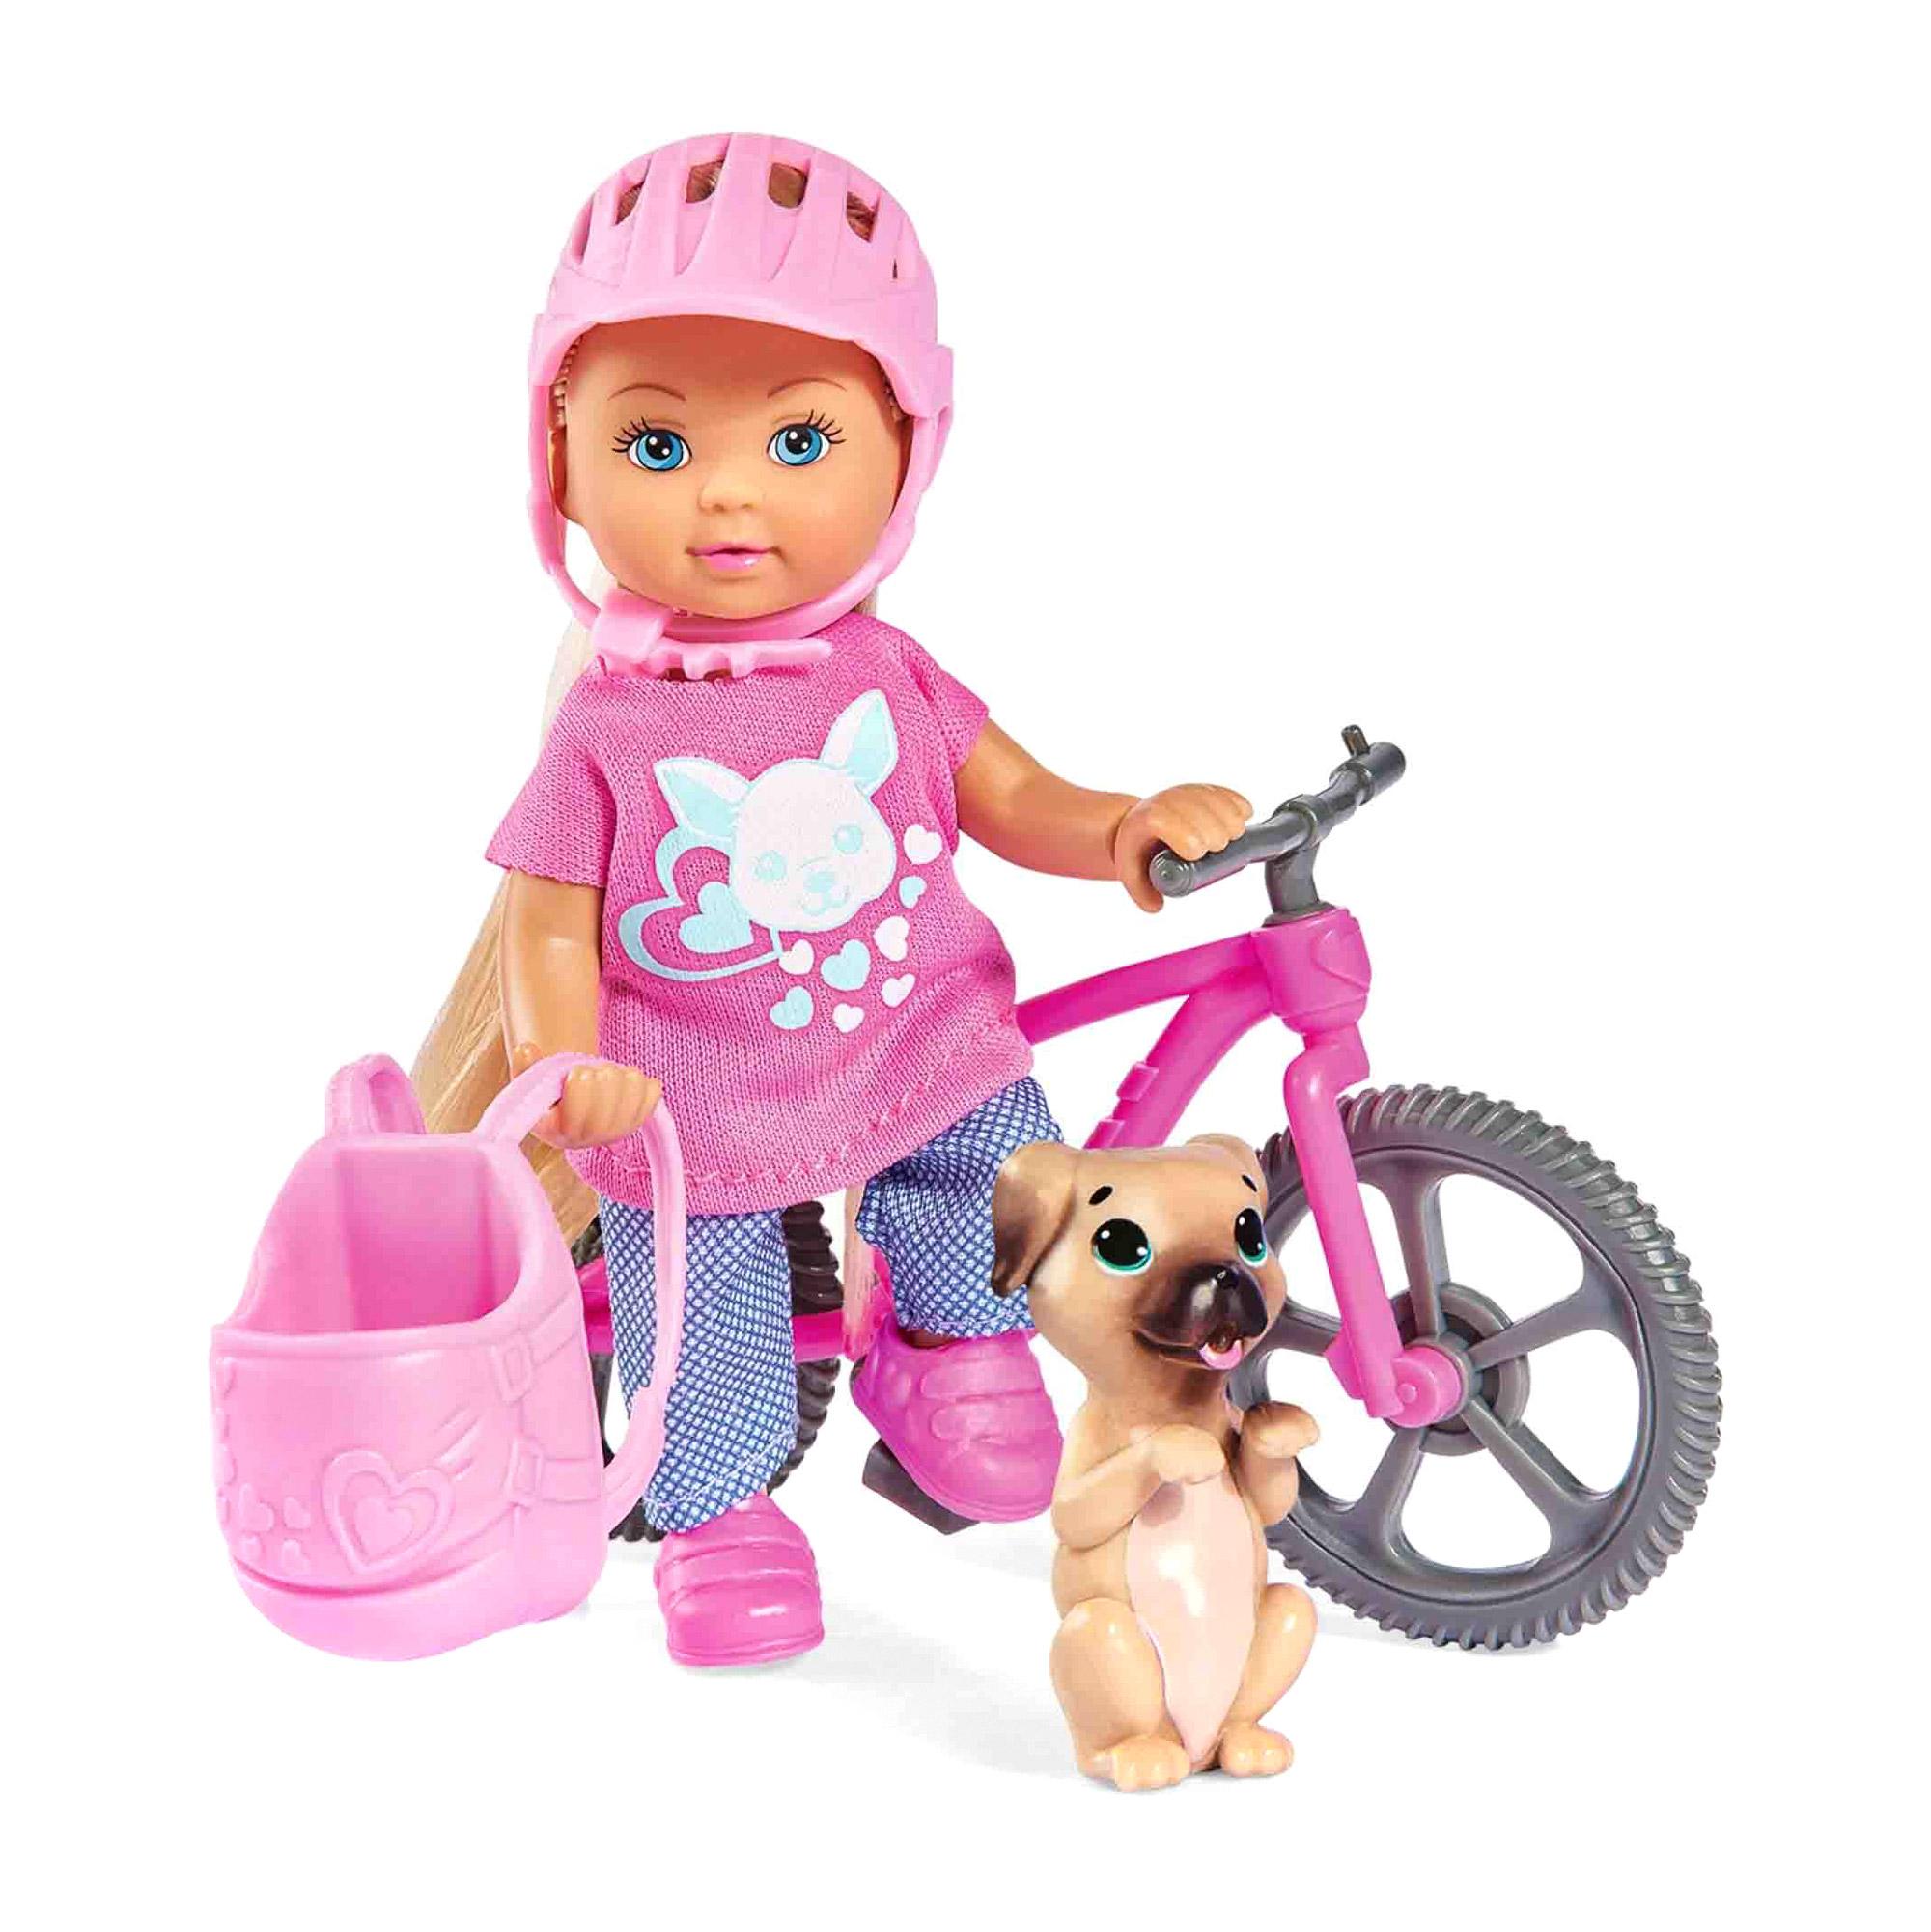 Кукла Еви на велопрогулке с собачкой 12 см куклы и одежда для кукол simba кукла еви на велопрогулке с собачкой 12 см